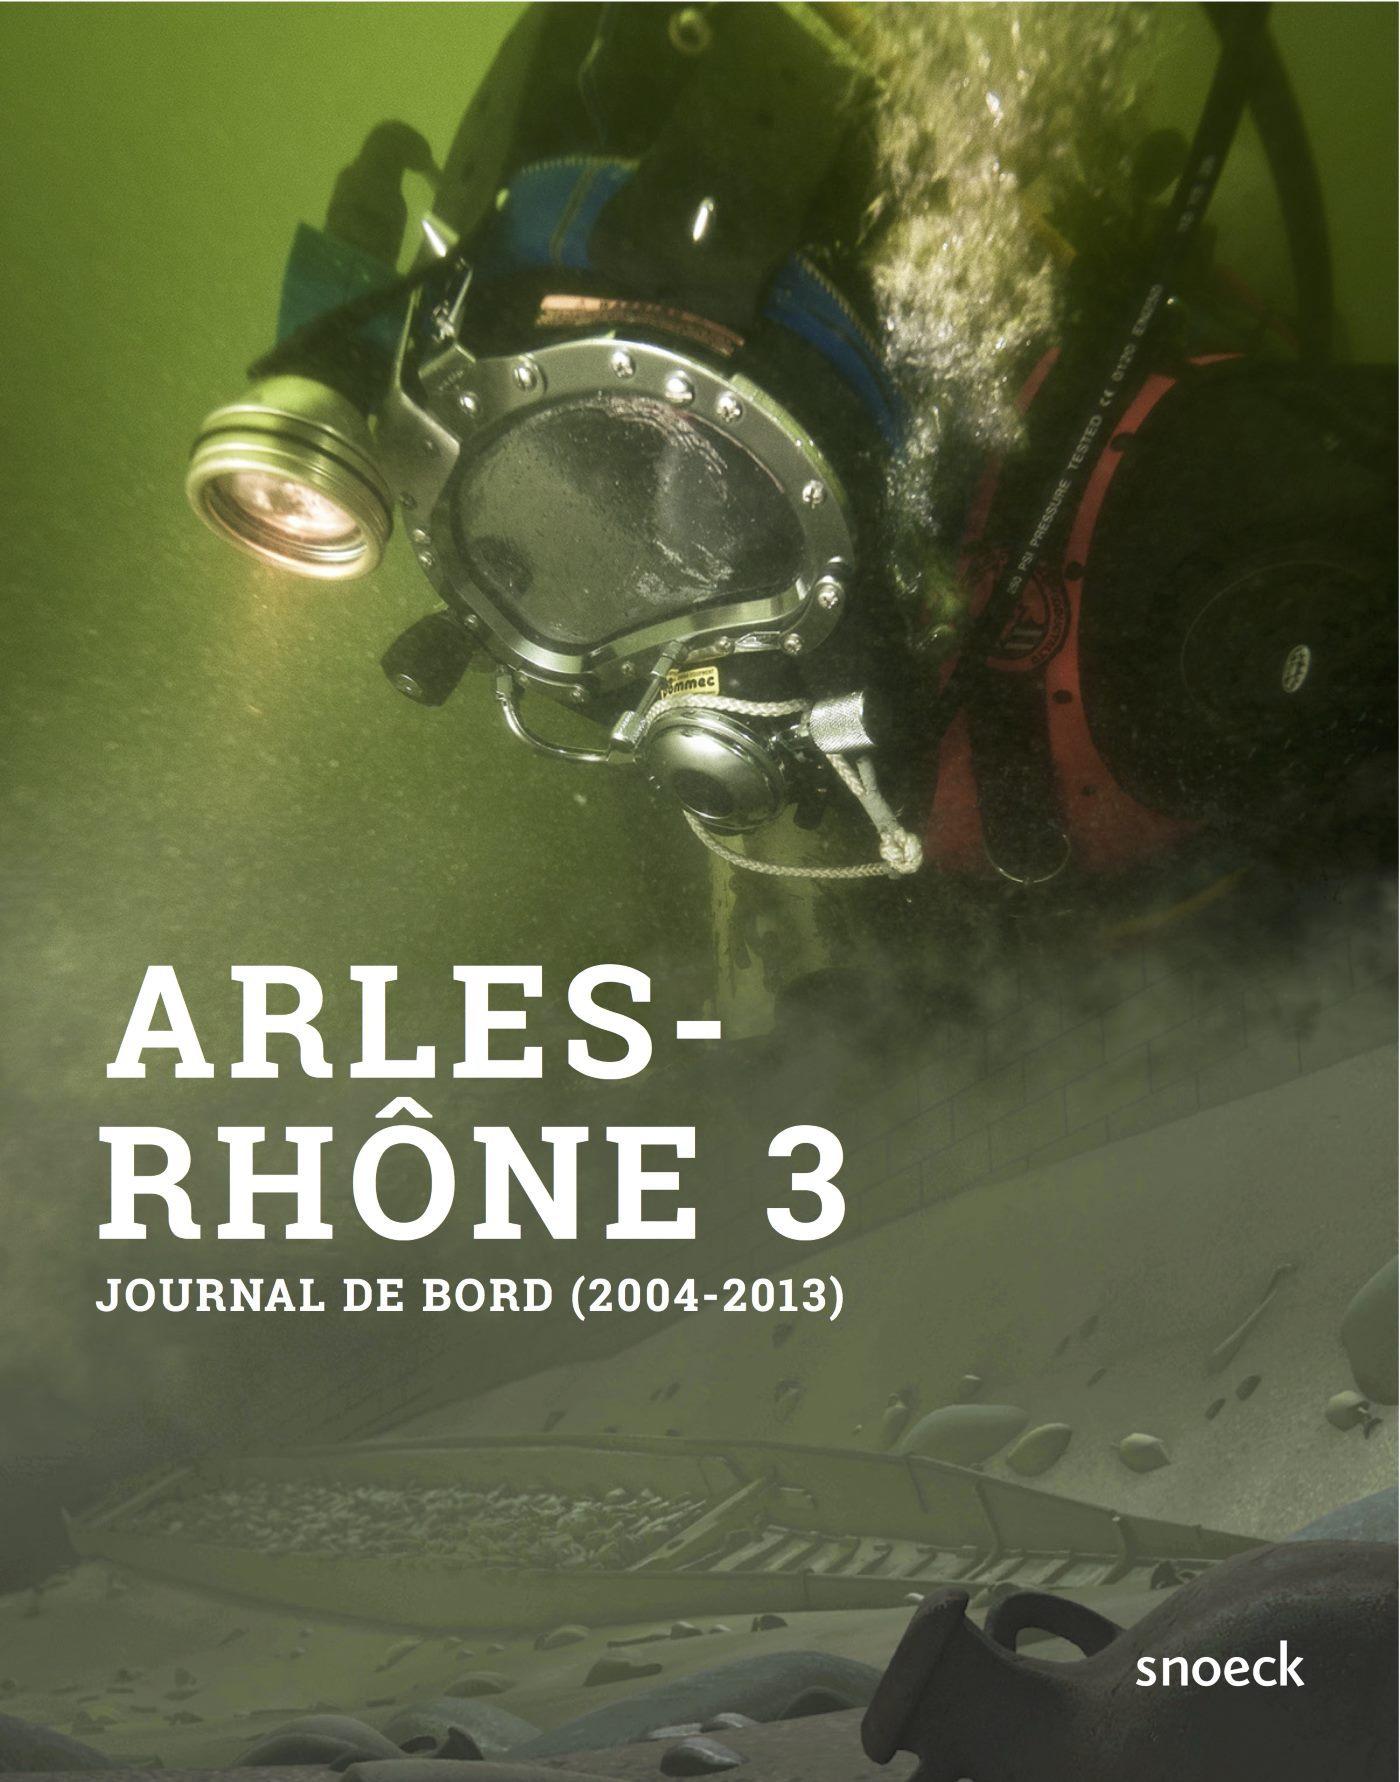 ARLES-RHONE, JOURNAL DE BORD D'UNE AVENTURE ARCHEOLOGIQUE